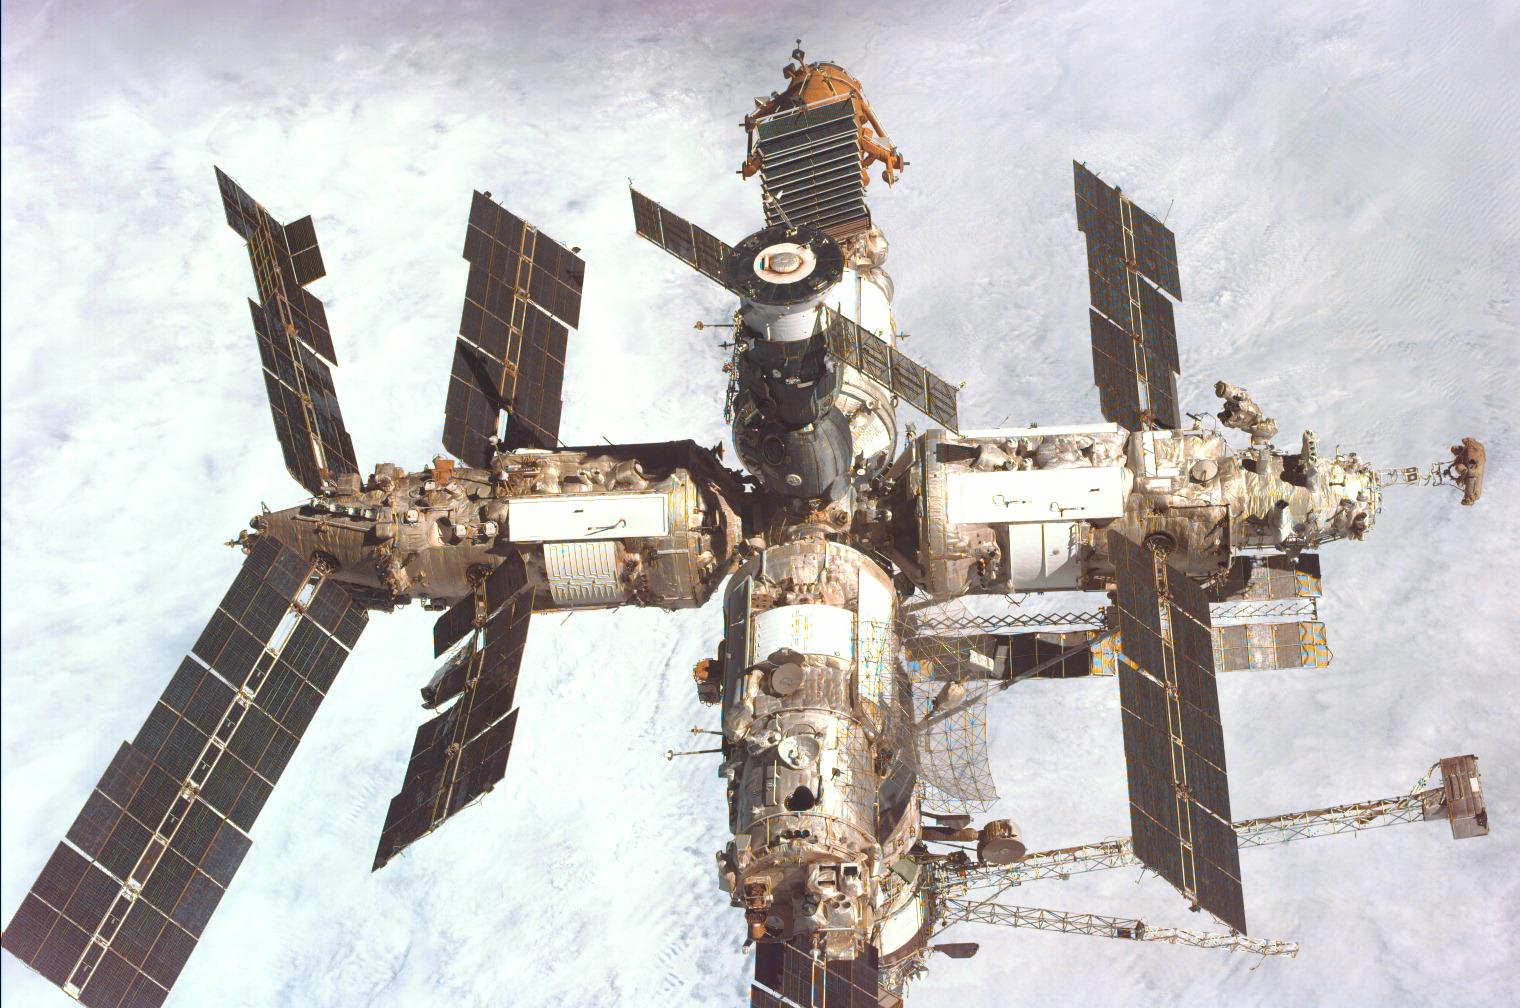 Ein Sinnbild für die Produktivität russischer Wissenschaftler: die Raumstation